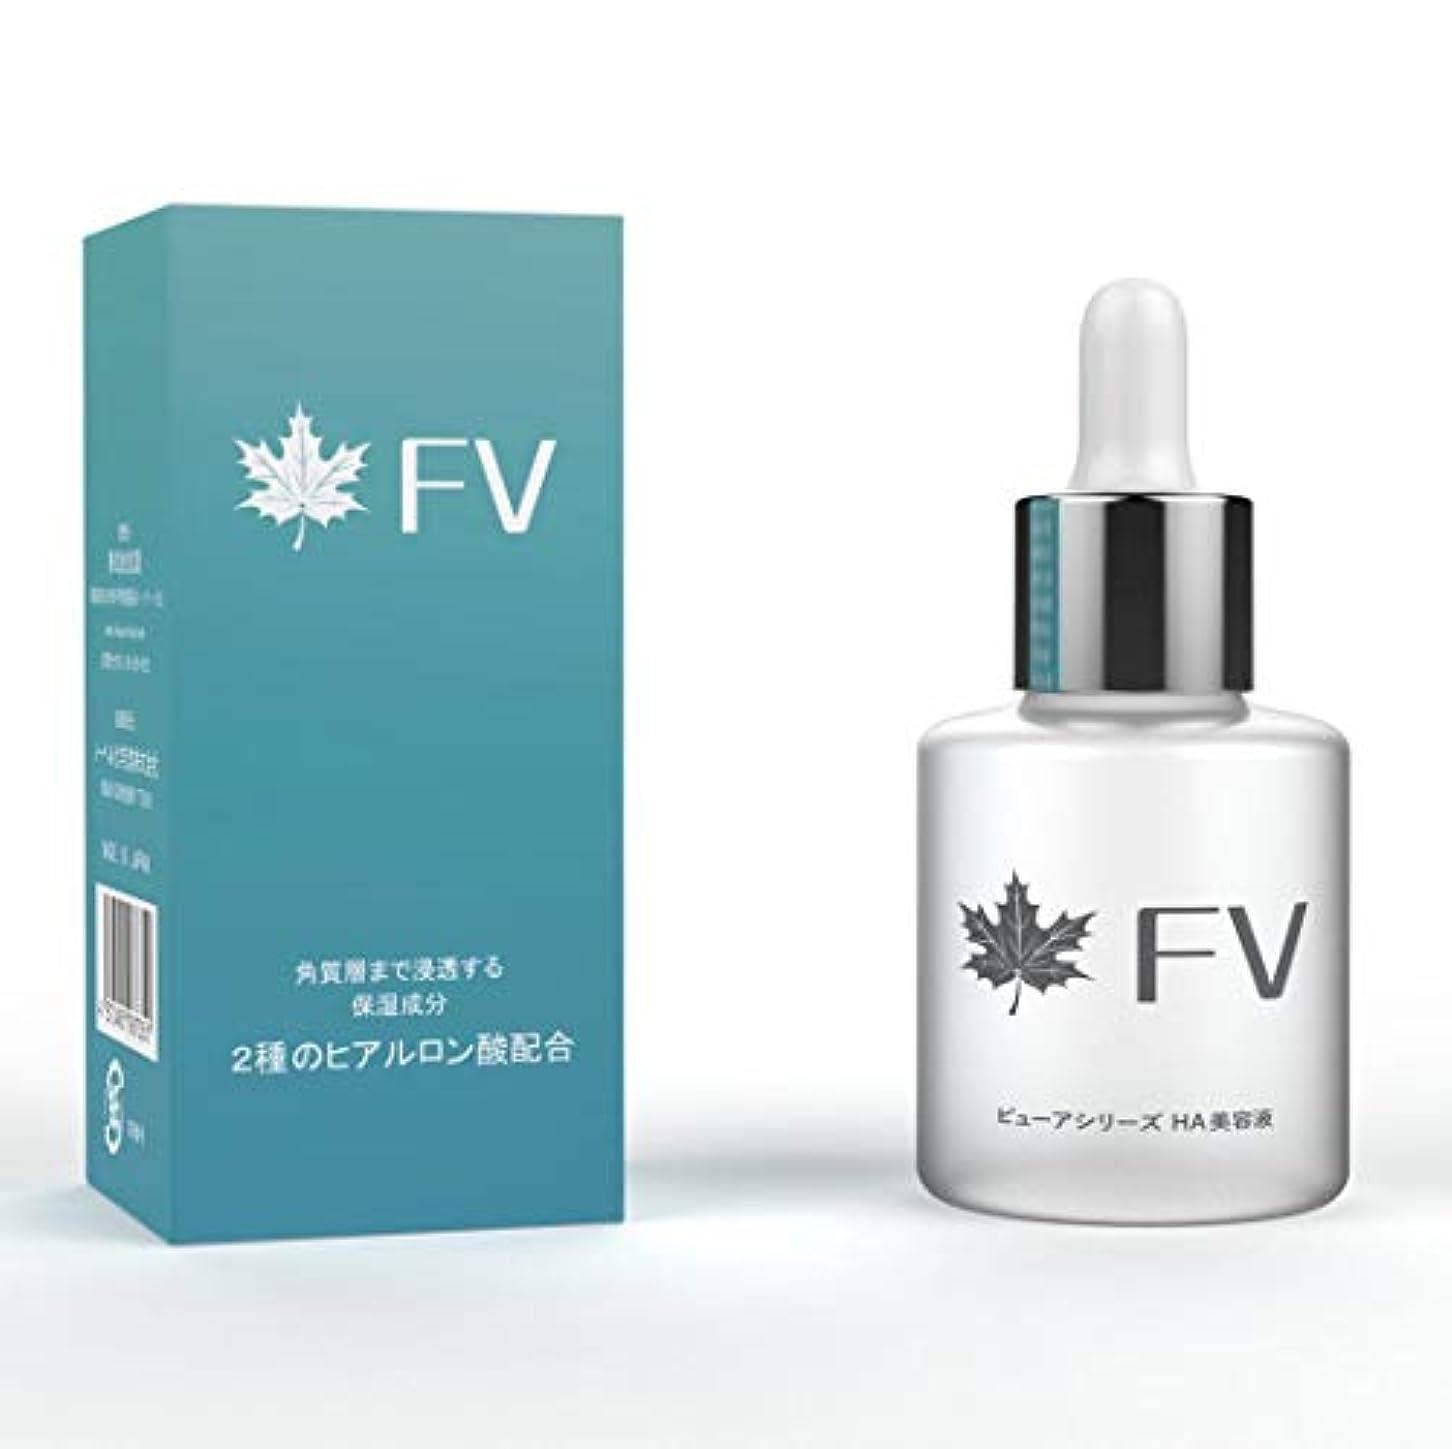 等々ドアミラーオリエントFV ヒアルロン酸原液(美容液)30ml 高分子超保湿キャッチ型と低分子修復リペア型 2種のヒアルロン酸  日本製